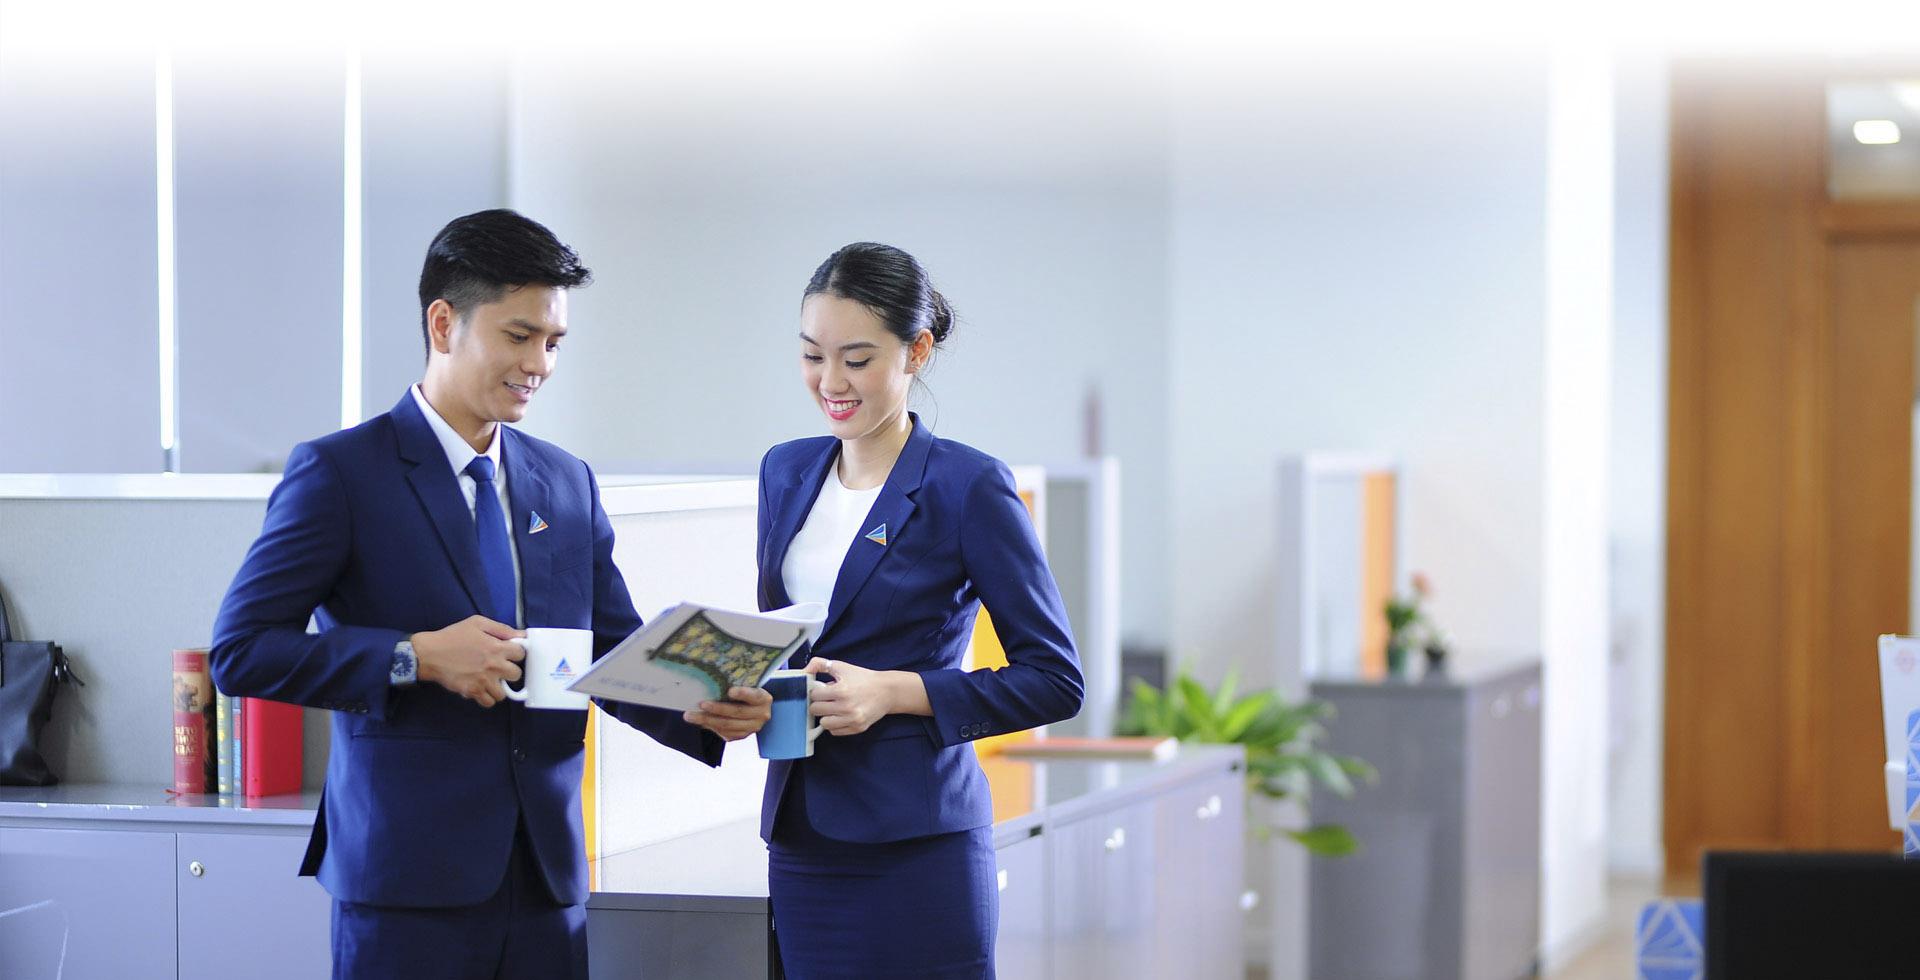 Công việc cụ thể của một Nhân viên Kinh doanh là gì?